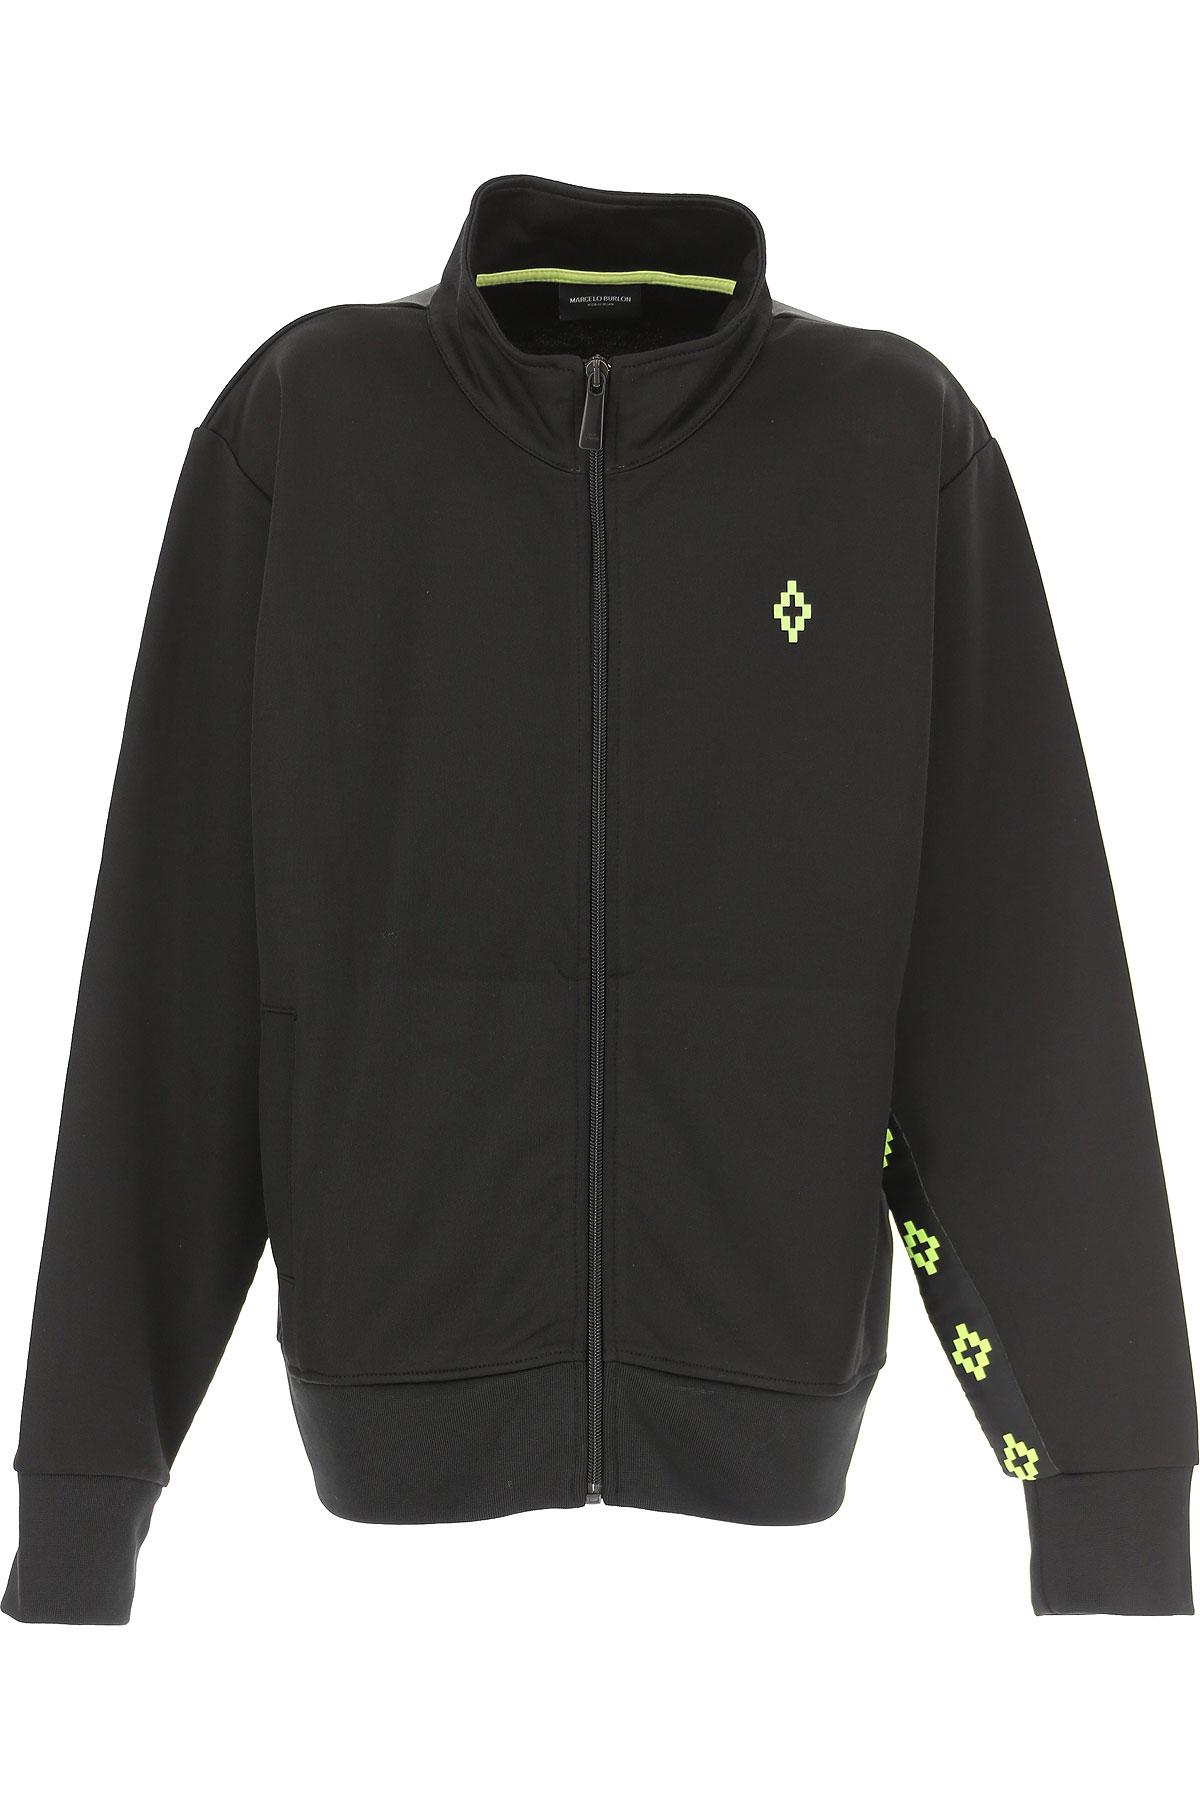 Marcelo Burlon Kids Sweatshirts & Hoodies for Boys On Sale, Black, polyester, 2019, 12Y 14Y 16Y